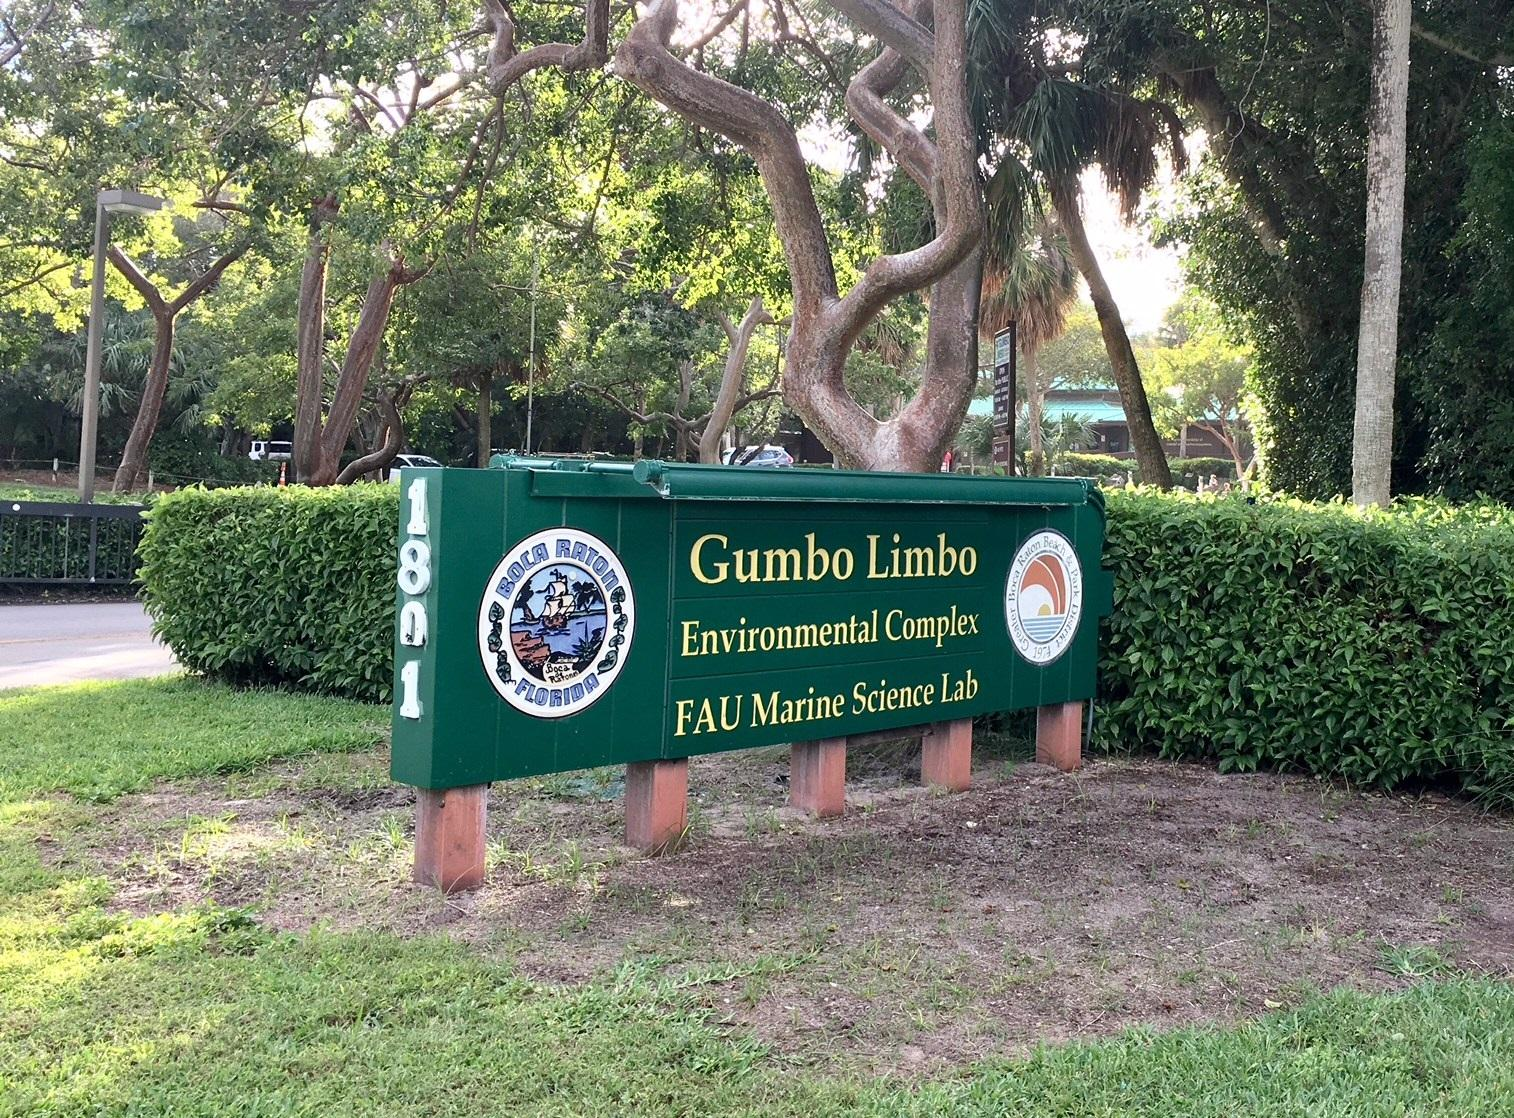 980 Lago Mar Lane, Boca Raton - MLS#:RX-10452854 | Signature